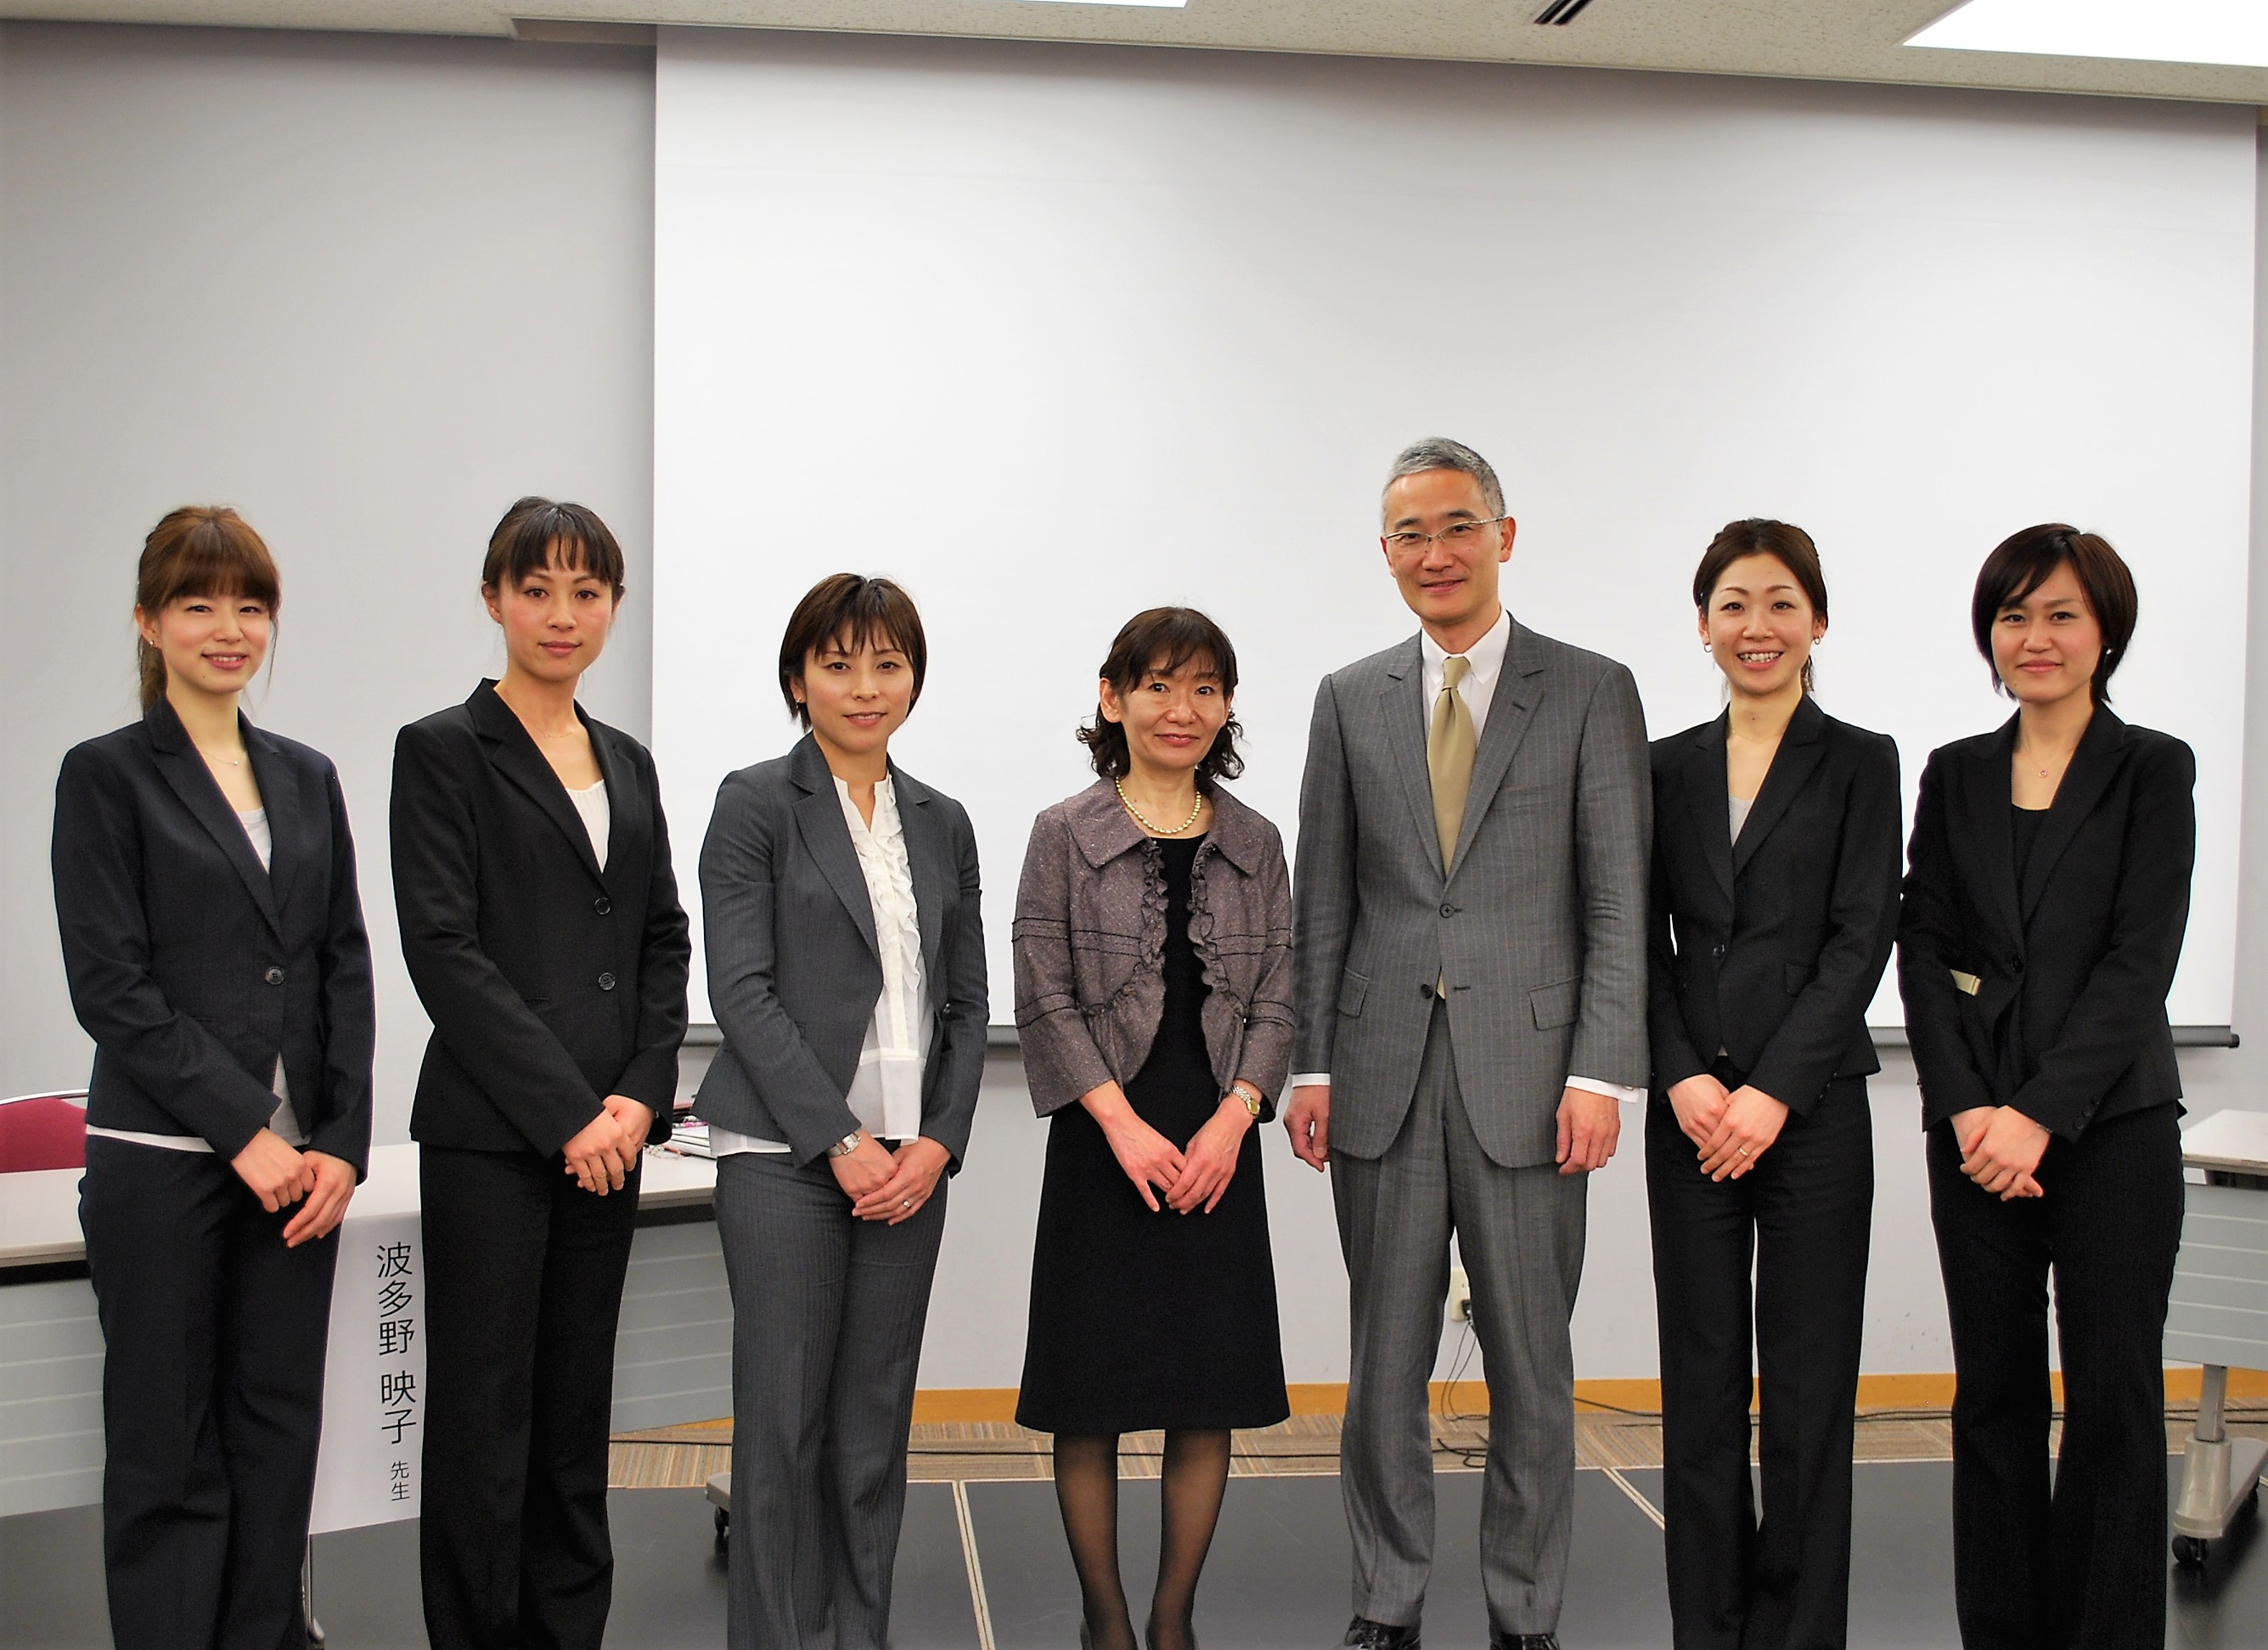 4、メイン講演の演者である山本浩正先生と波多野映子先生